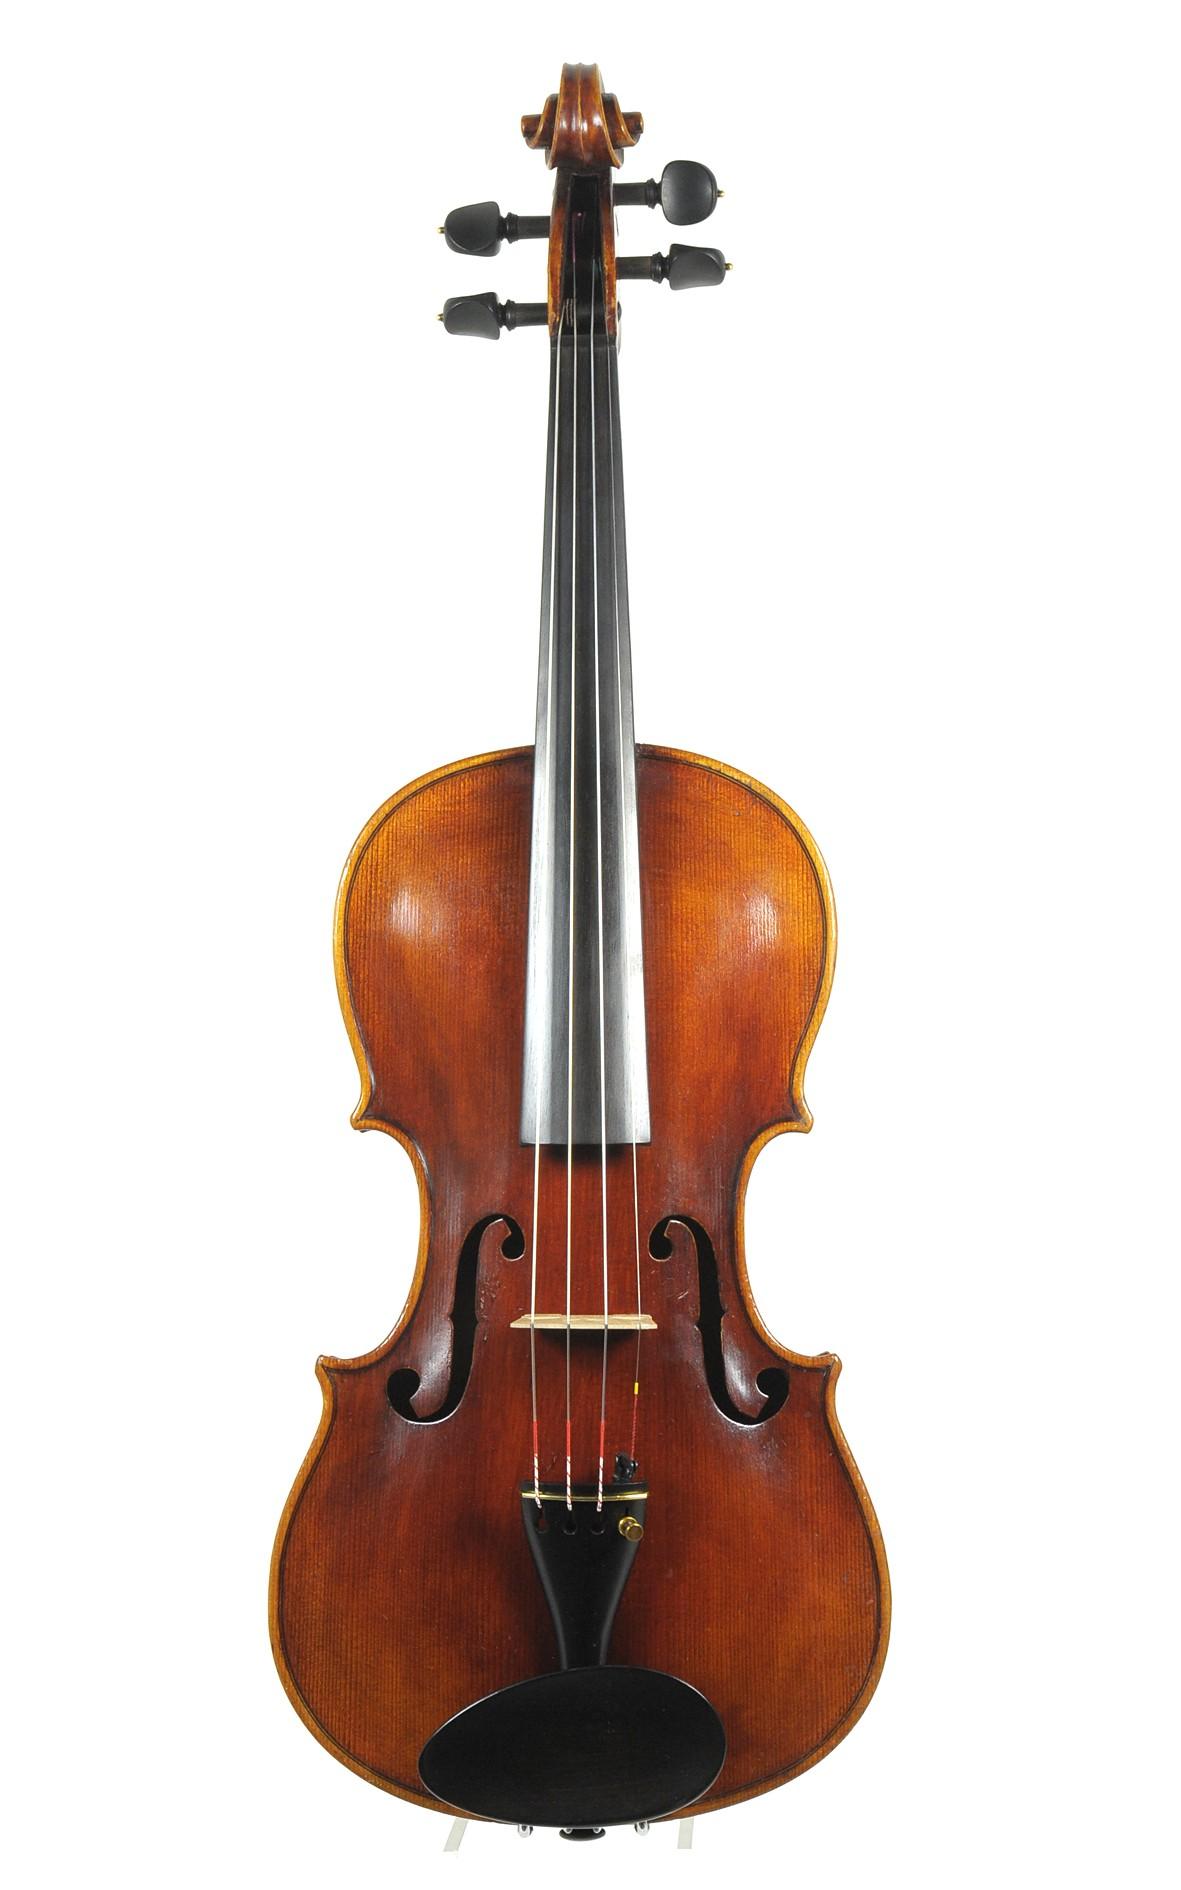 C. A. Wunderlich violin, ca. 1920 - top